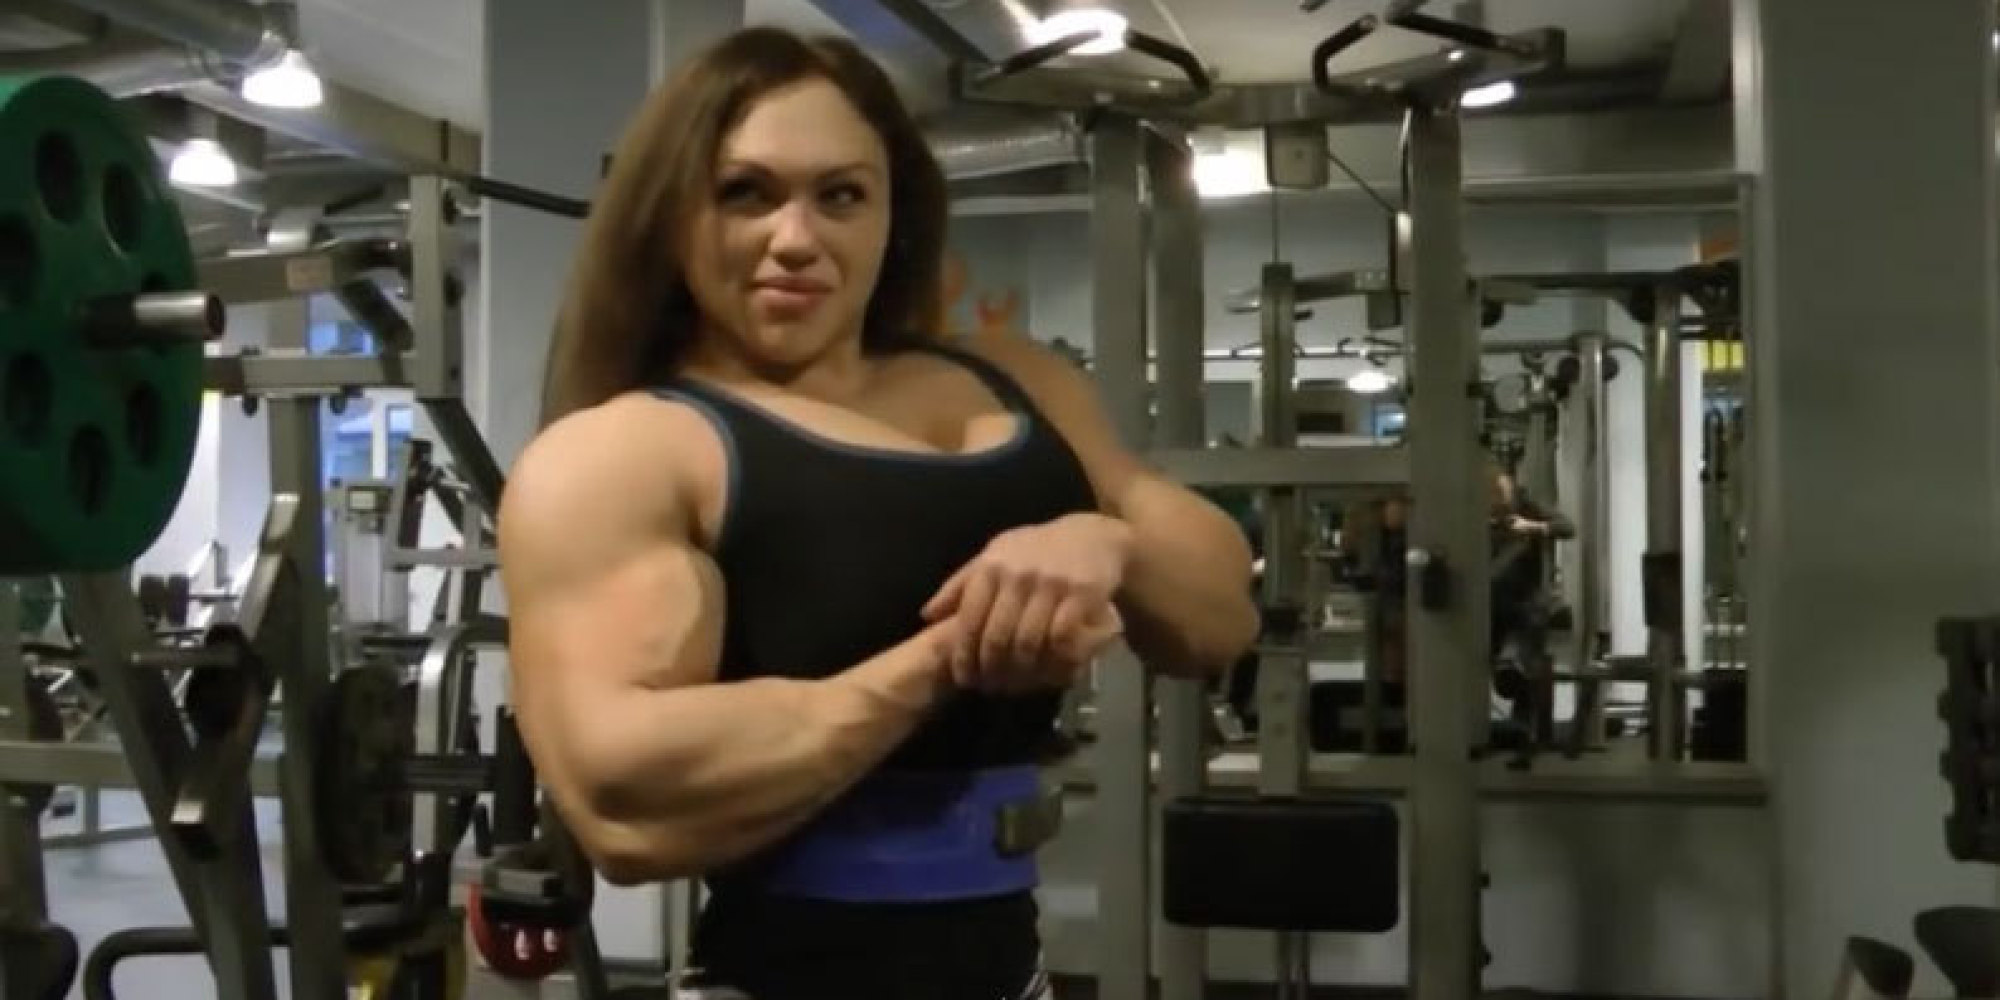 Natalya Trukhina, la mujer más fuerte del mundo, sufre por los estereotipos  | HuffPost